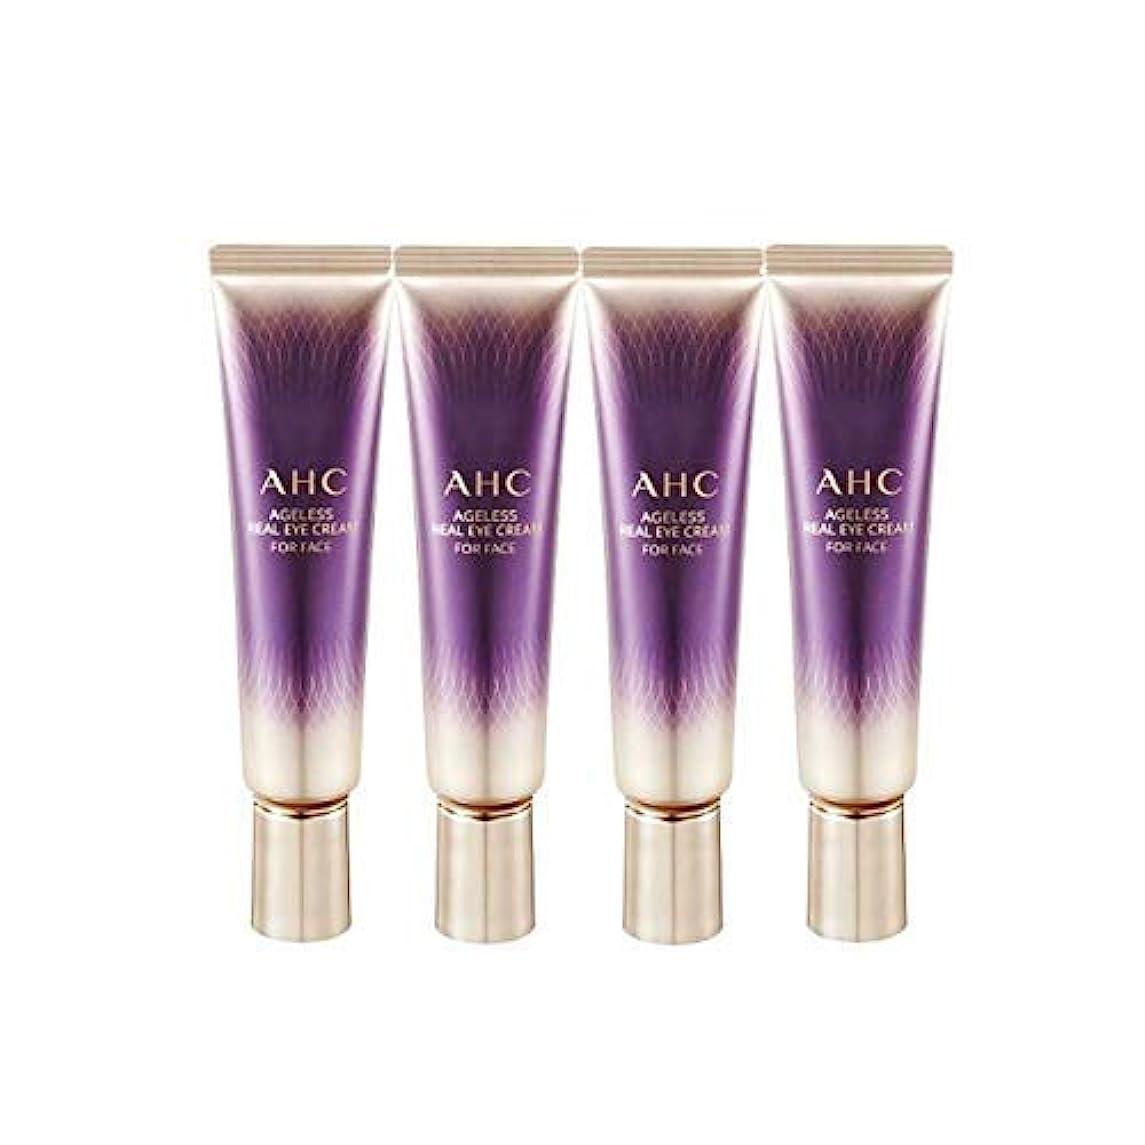 シェトランド諸島引用おじいちゃんAHC 2019 New Season 7 Ageless Real Eye Cream for Face 1 Fl Oz 30ml x 4 Anti-Wrinkle Brightness Contains Collagen